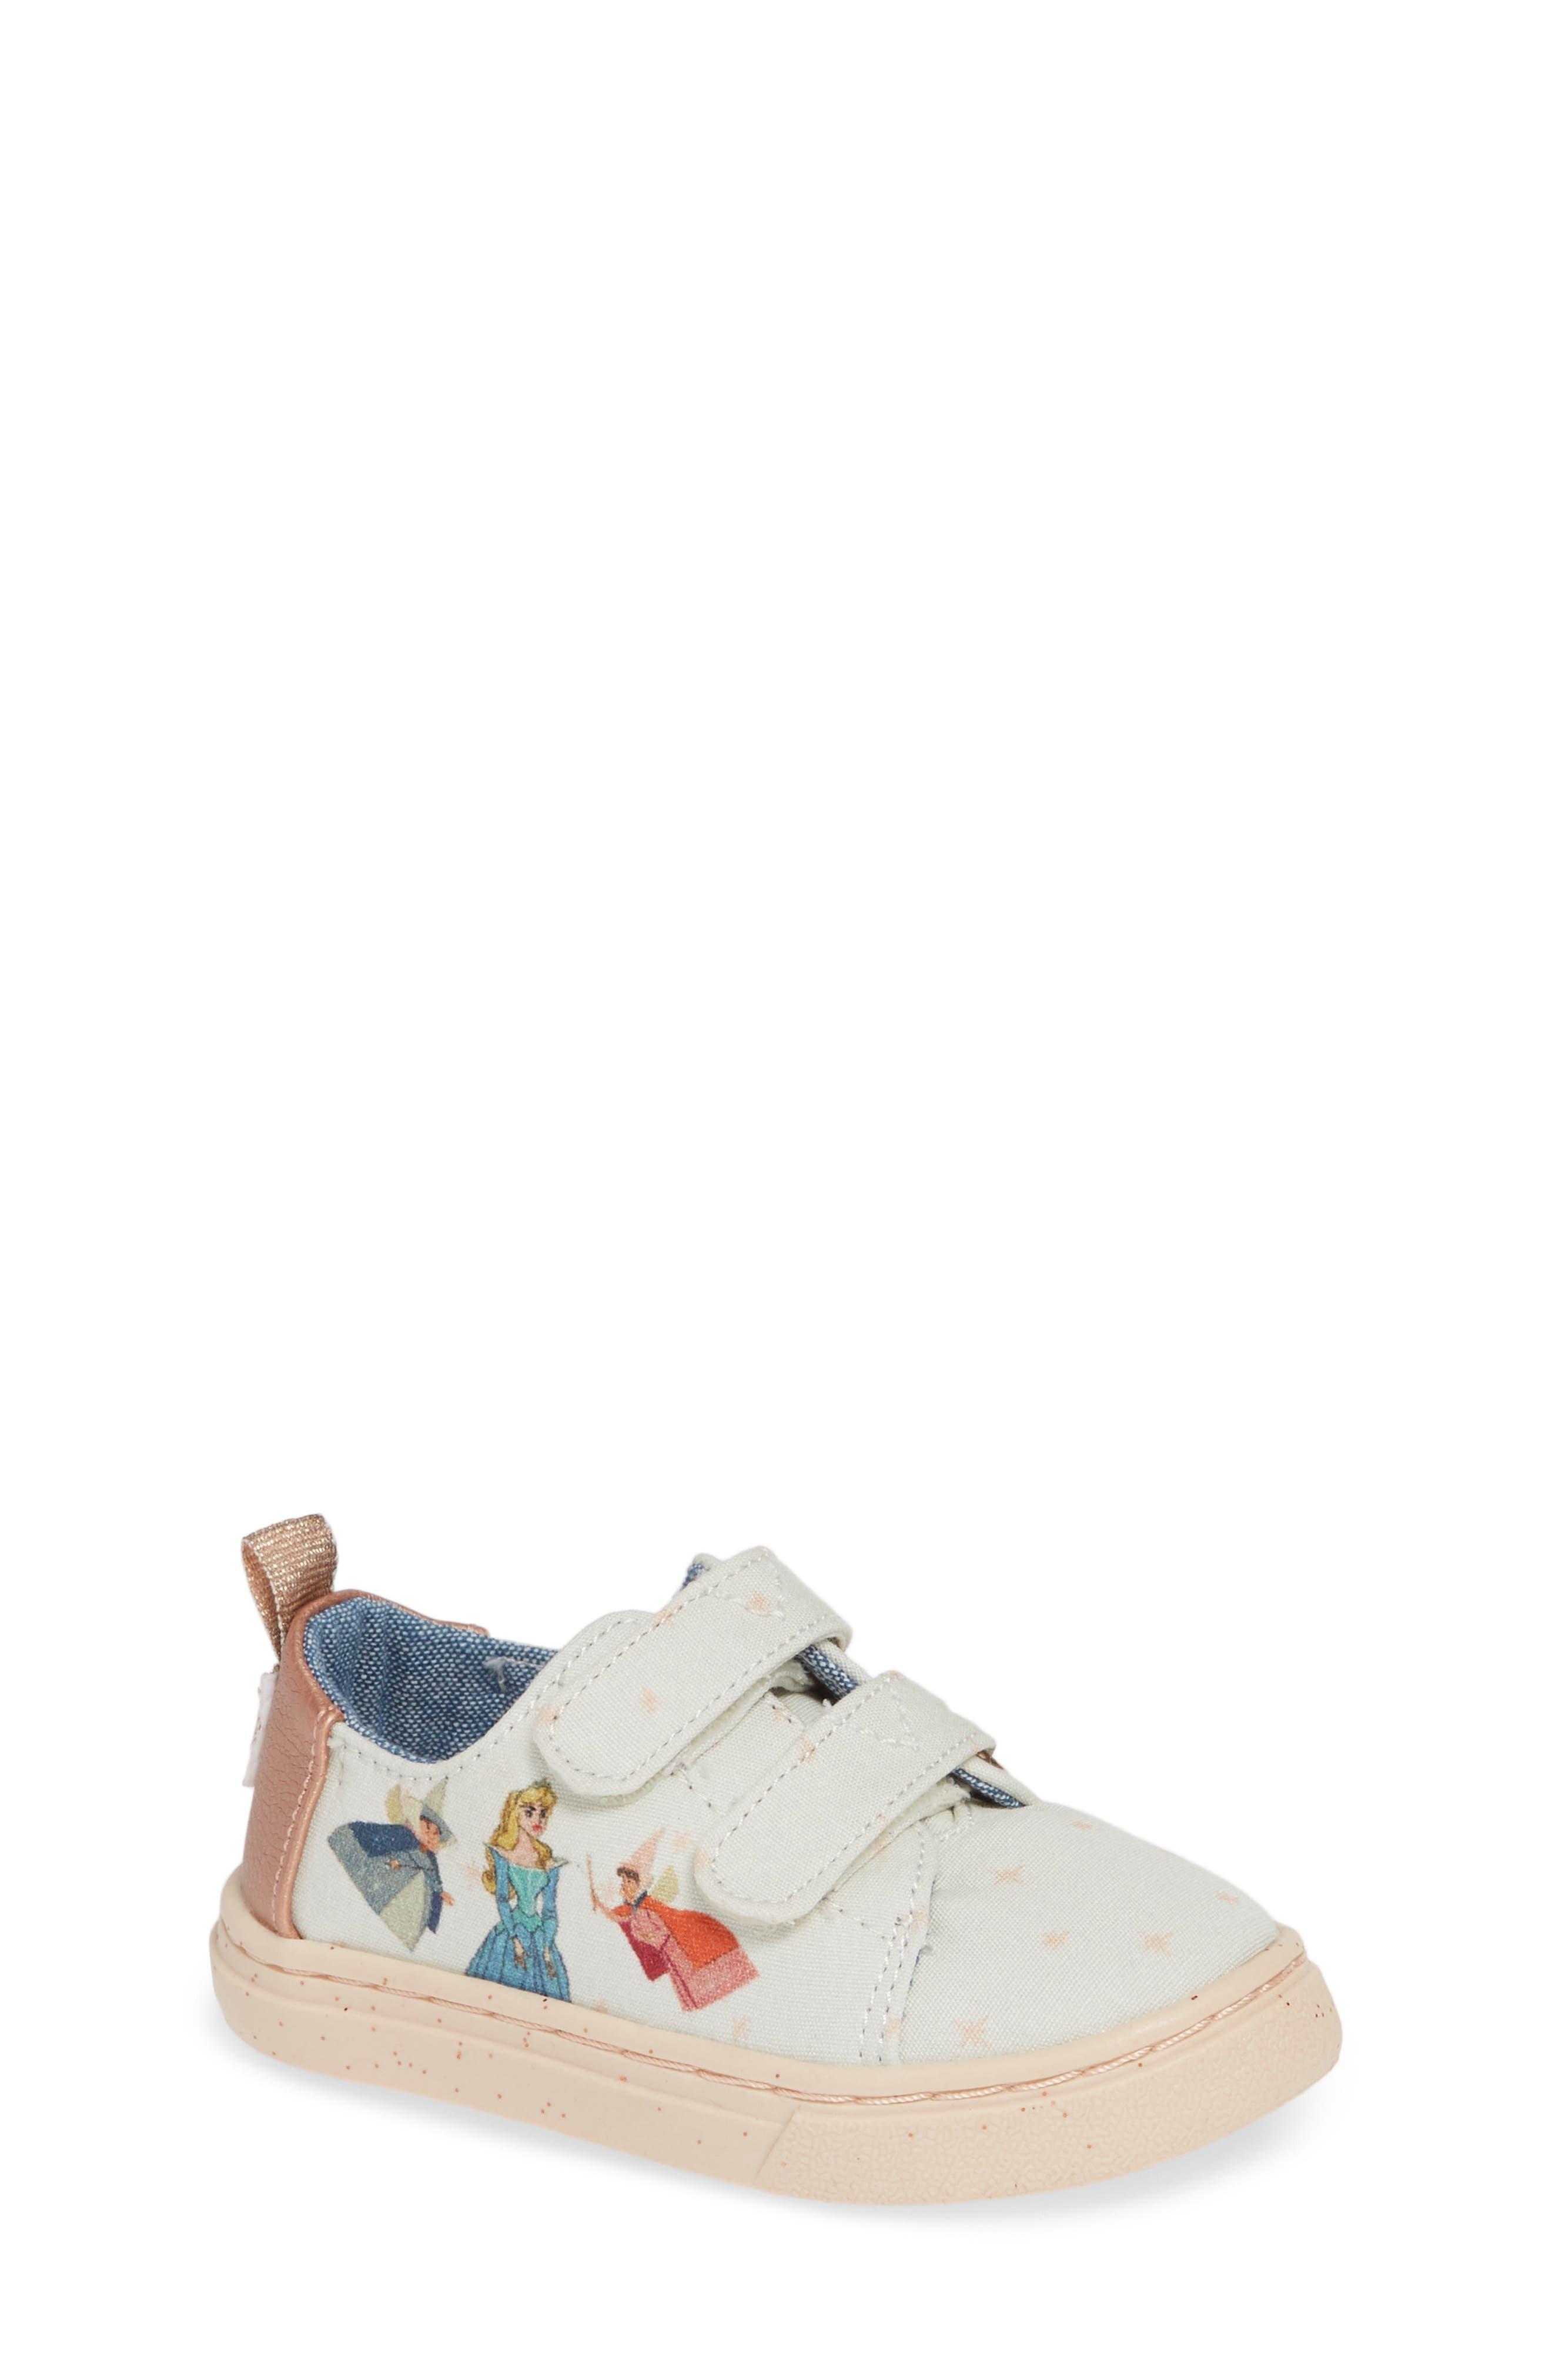 x Disney Tiny Lenny Sneaker,                         Main,                         color, 900